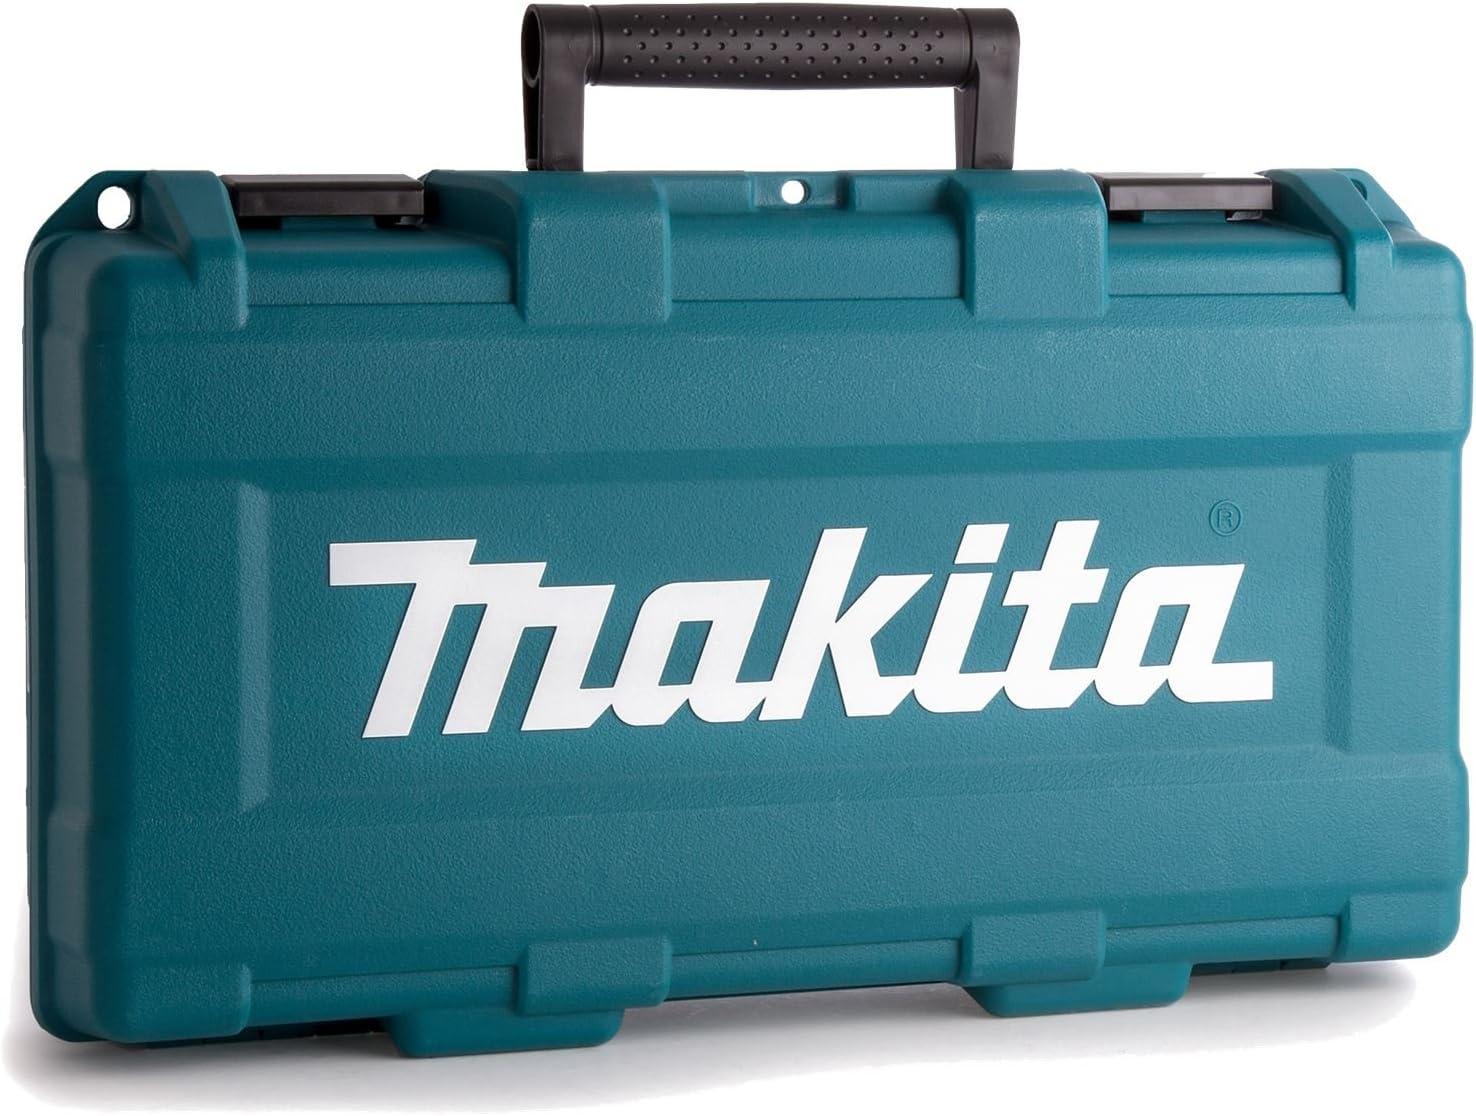 Makita 821620 – 5 18 V sierra de sable (caja de herramientas ...